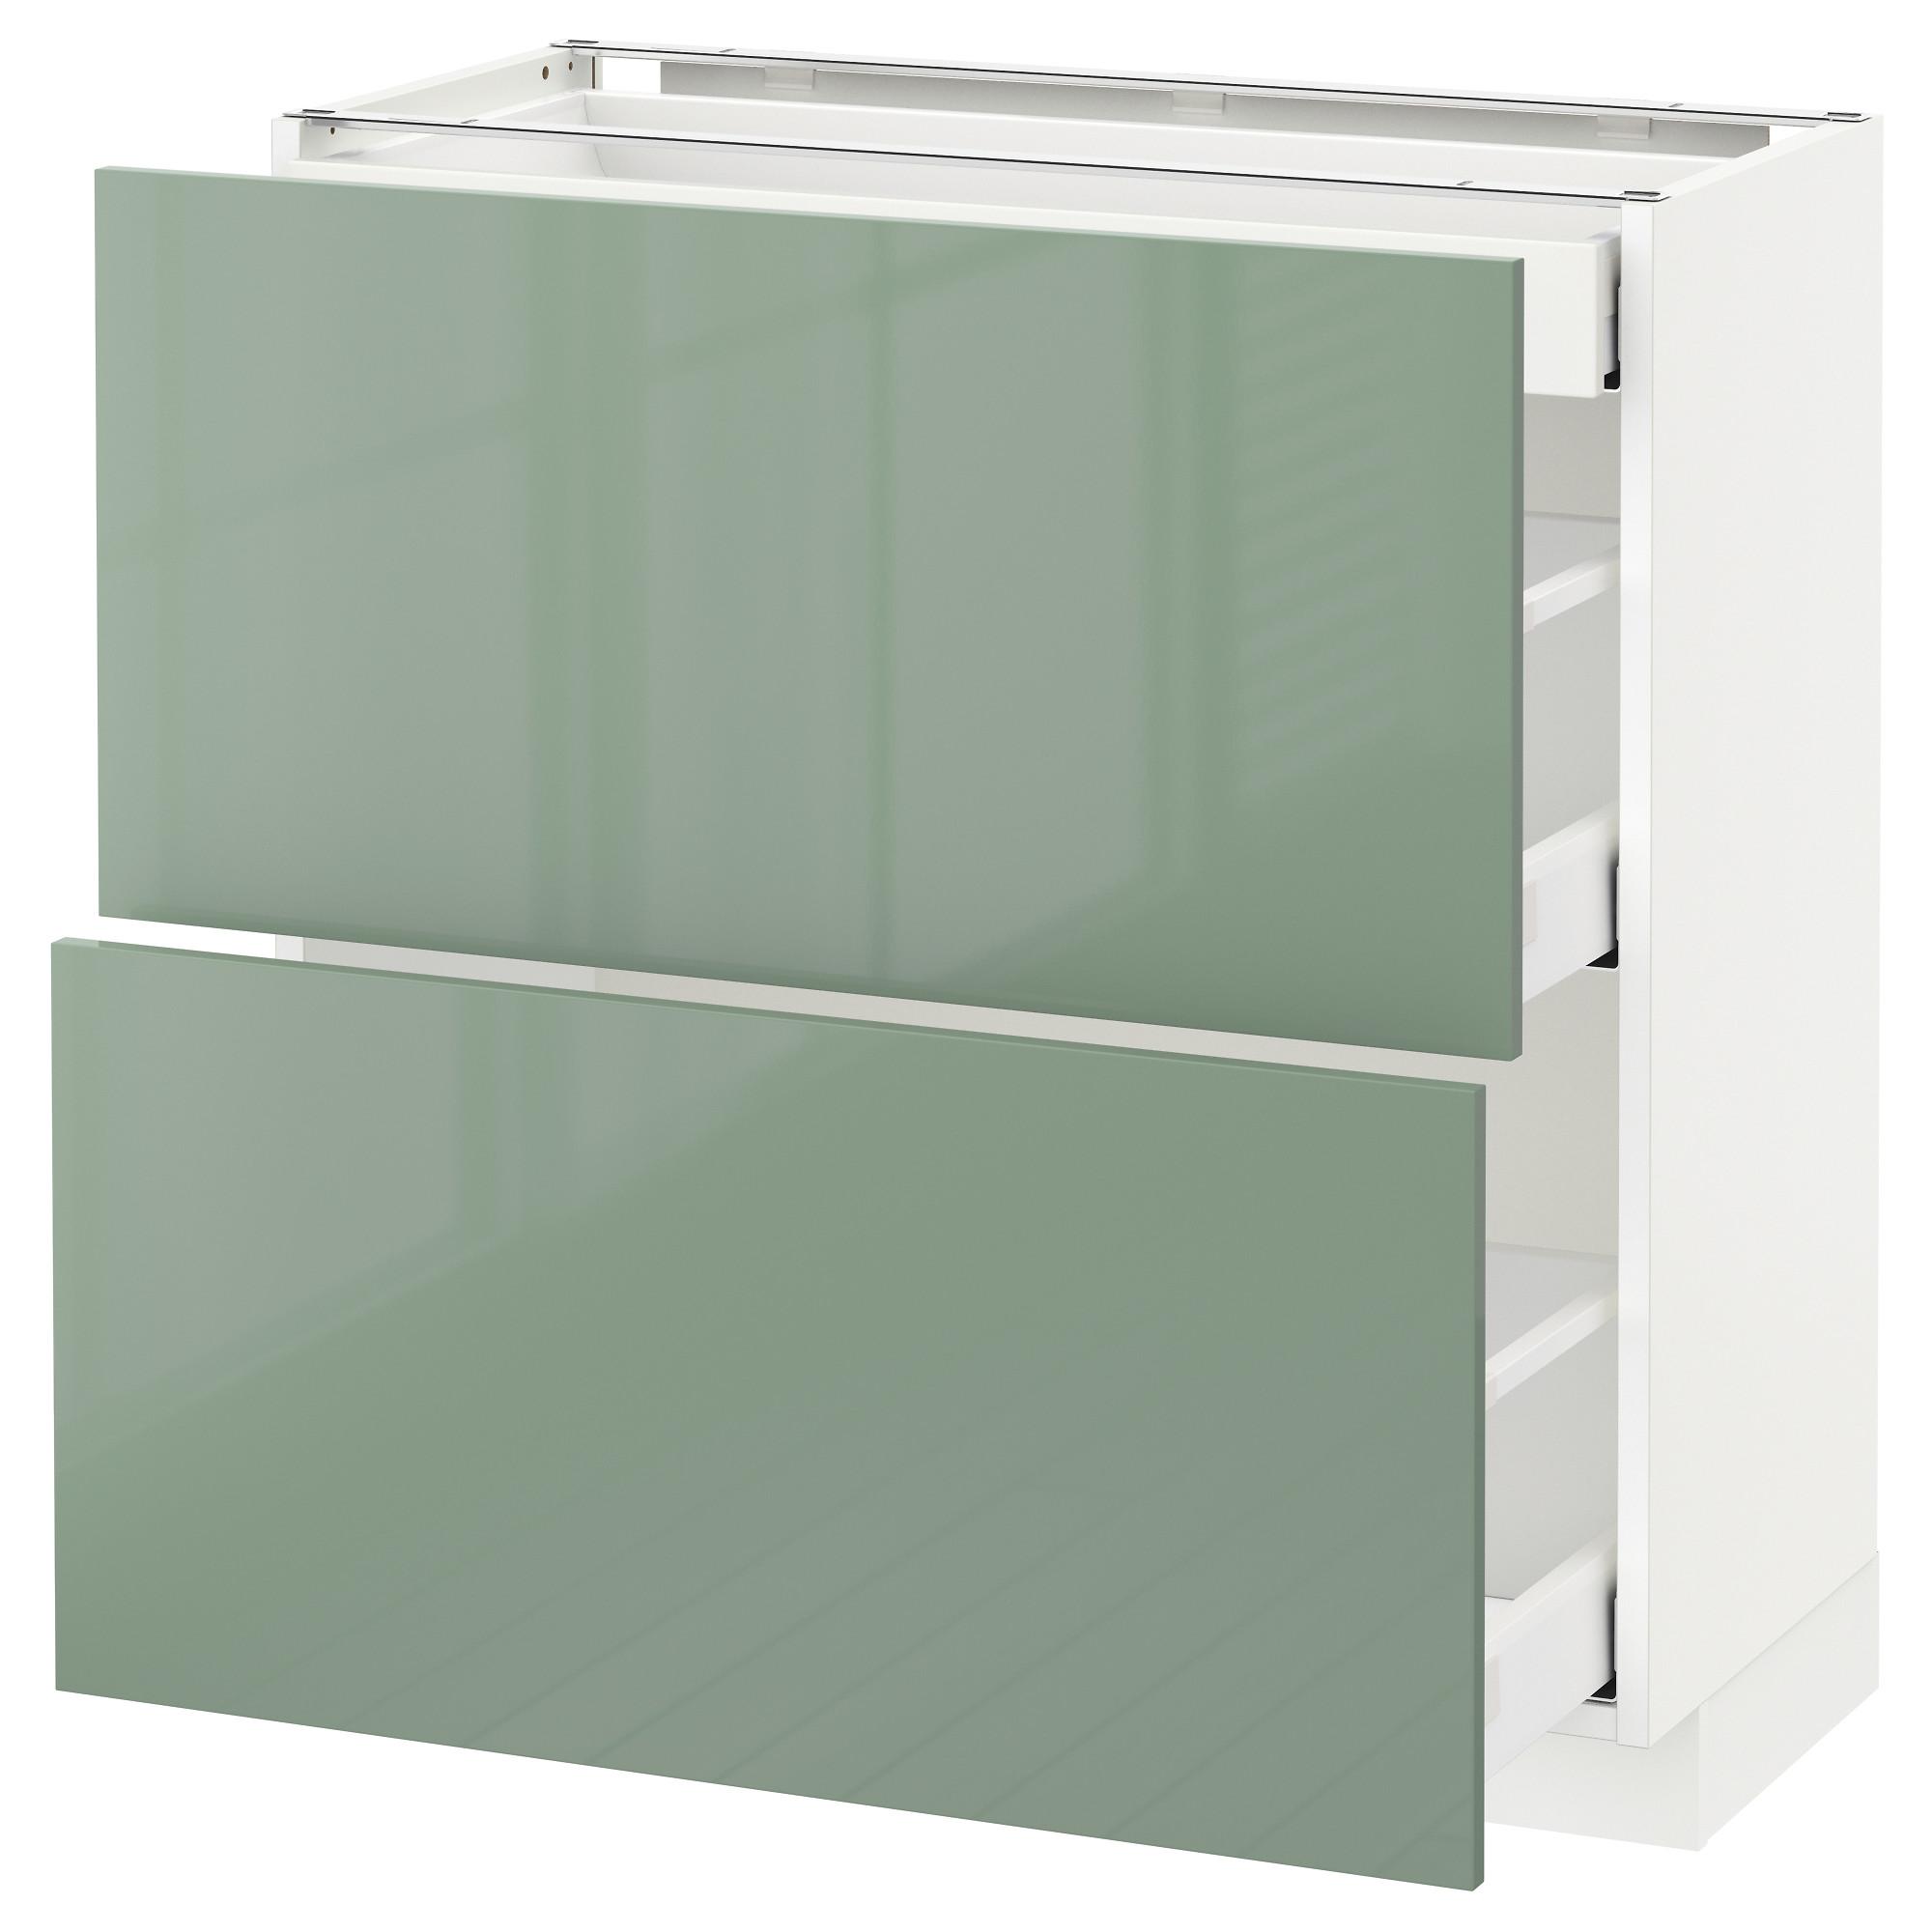 Напольный шкаф, 2 фасада, 3 ящика МЕТОД / МАКСИМЕРА светло-зеленый артикуль № 192.460.02 в наличии. Онлайн сайт ИКЕА РБ. Недорогая доставка и соборка.